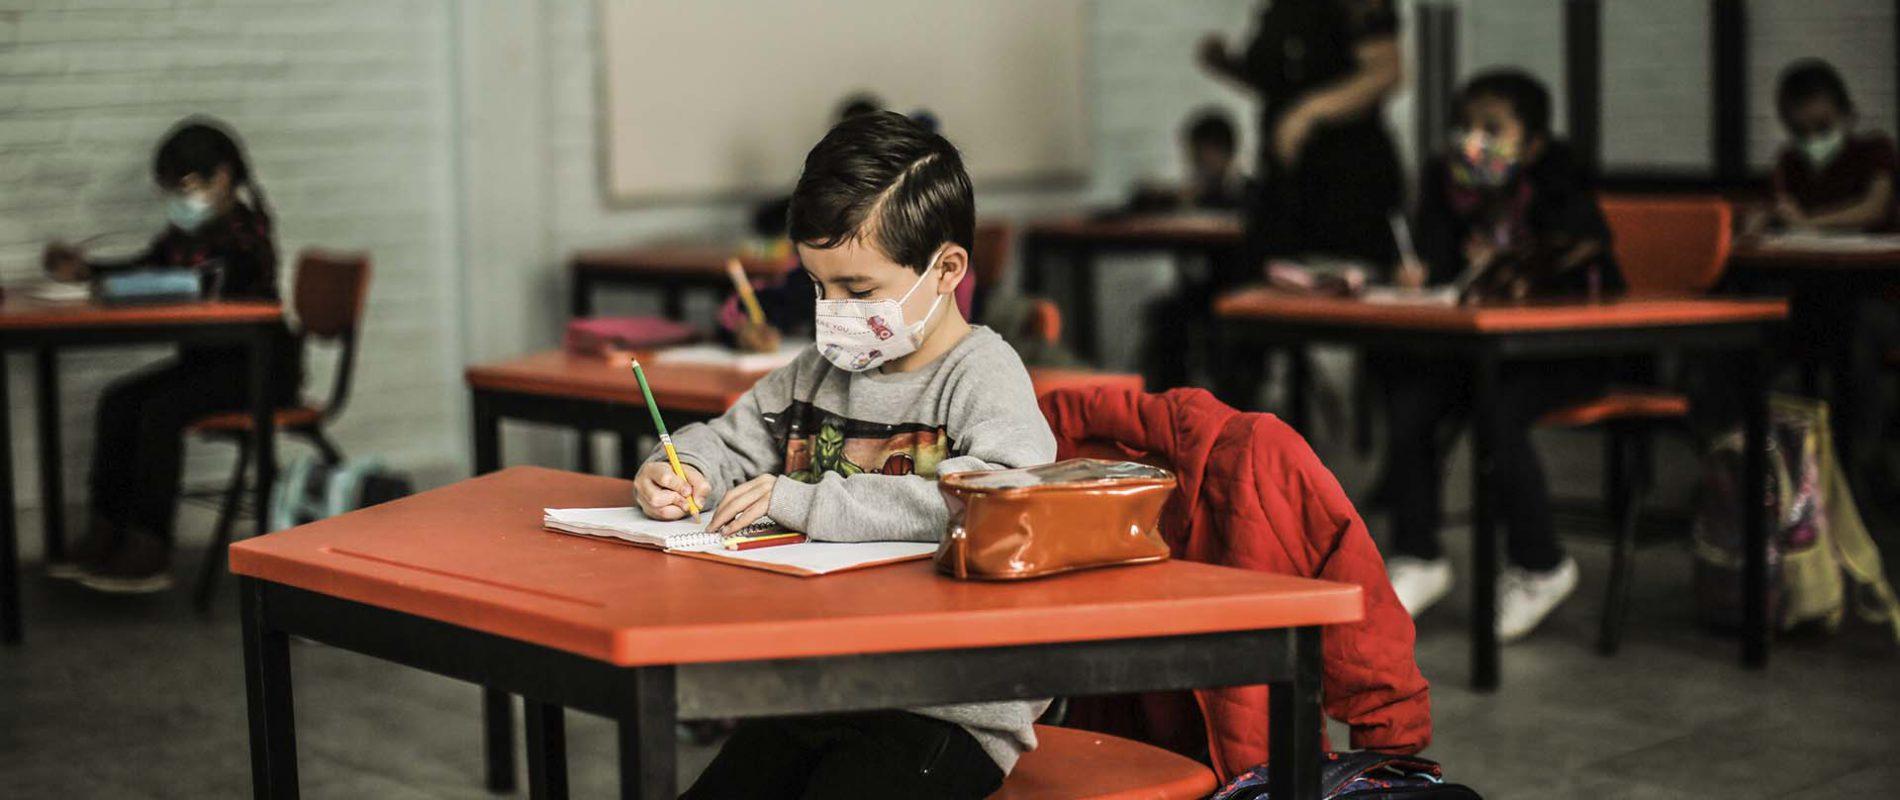 Maestra castigó a un pequeño de 9 años por olvidar ponerse el cubrebocas: Se lo pegó a la cara con cinta